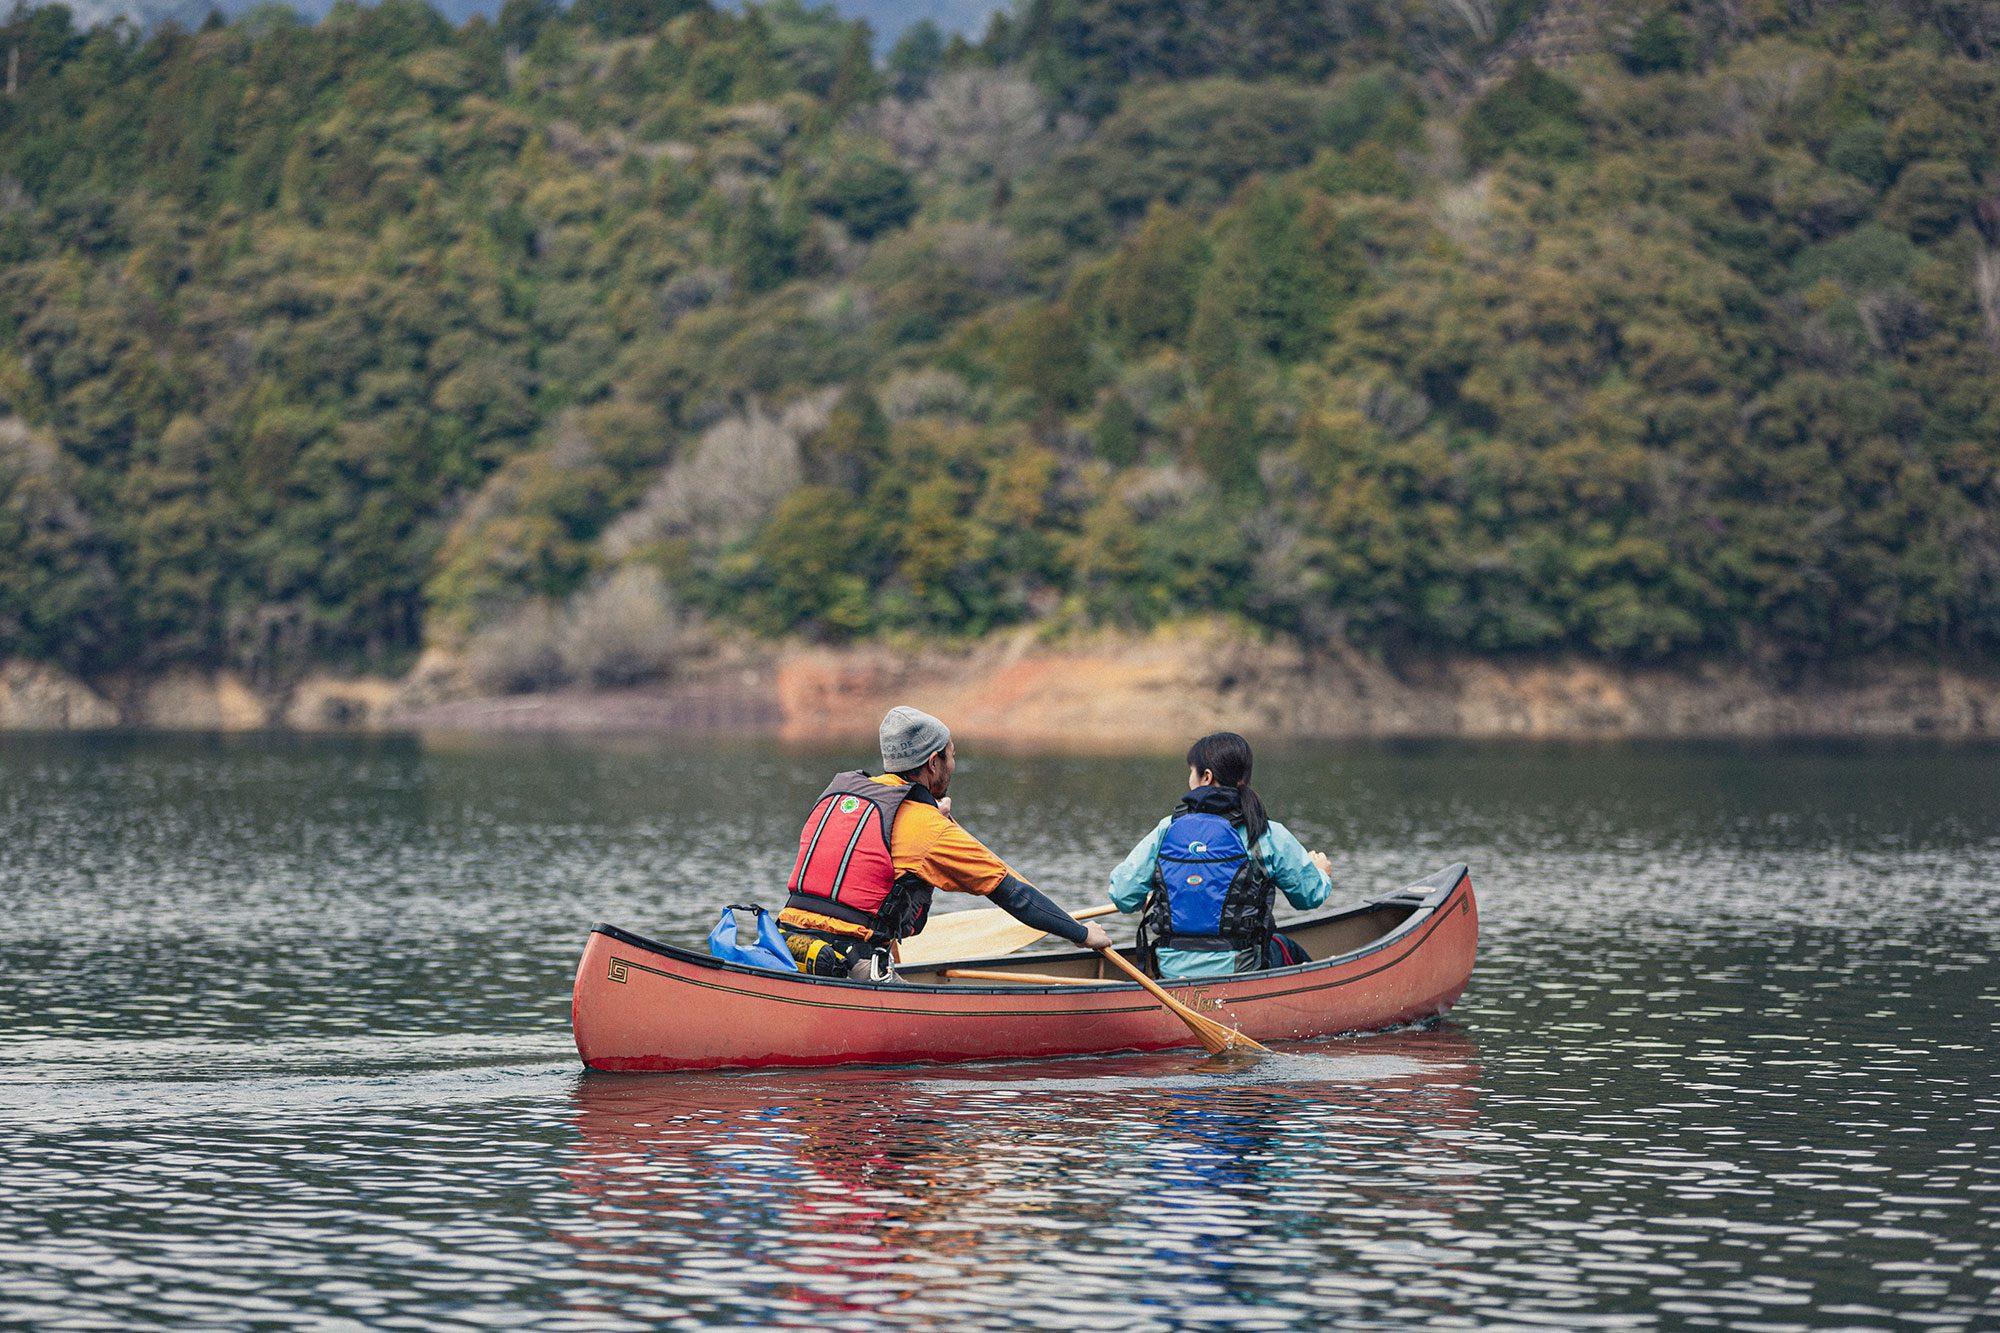 カップルにもおすすめ!エメラルドグリーンに透き通った湖で素敵なひと時を♪